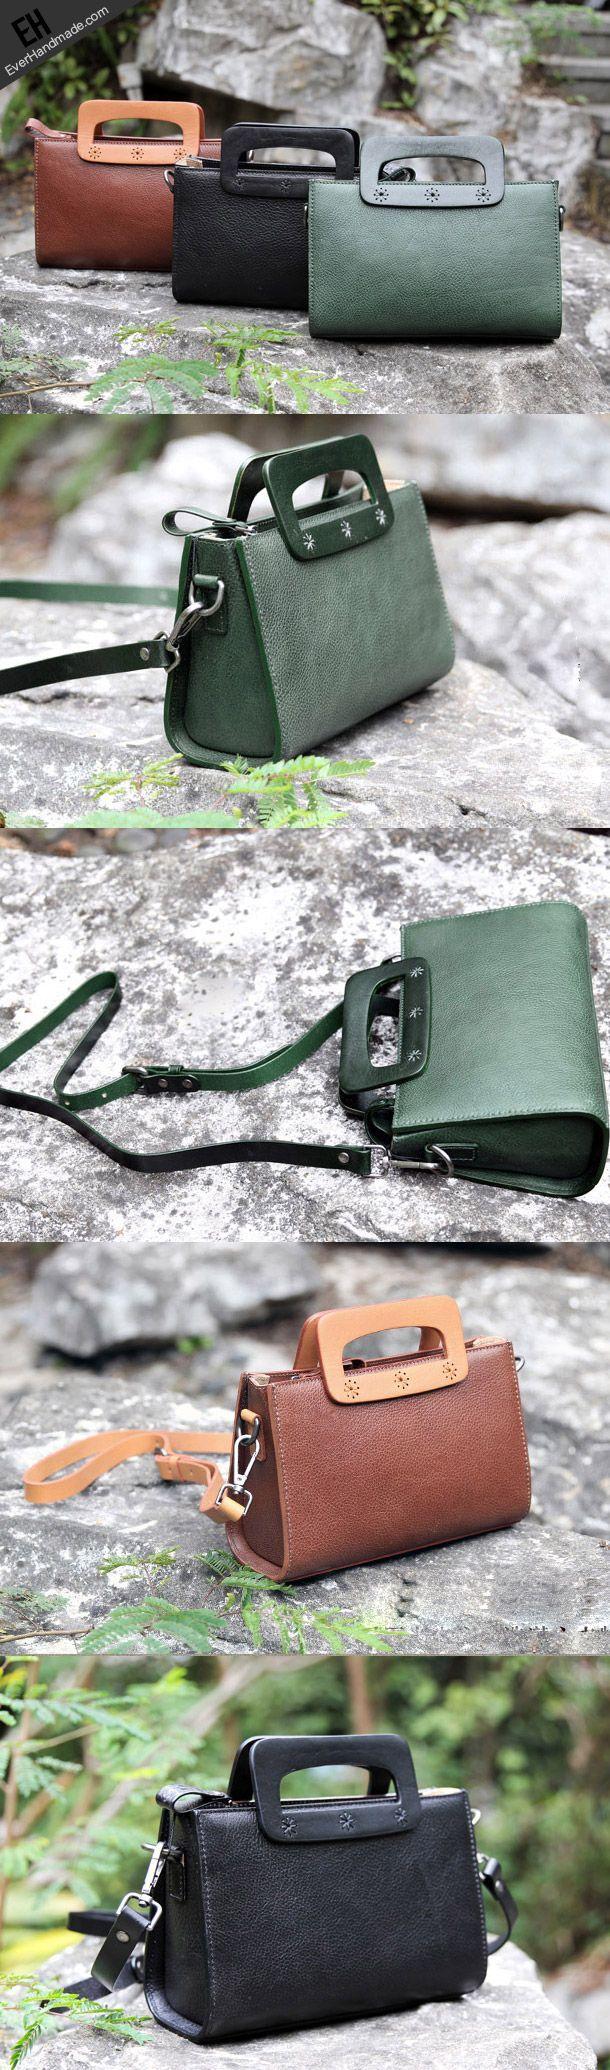 Handmade vintage satchel leather crossbody bag shoulder bag handbag for women - womens designer handbags sale, women's leather handbags online, black and gold handbag *sponsored https://www.pinterest.com/purses_handbags/ https://www.pinterest.com/explore/purse/ https://www.pinterest.com/purses_handbags/cheap-handbags/ http://www.polyvore.com/handbags/shop?category_id=318